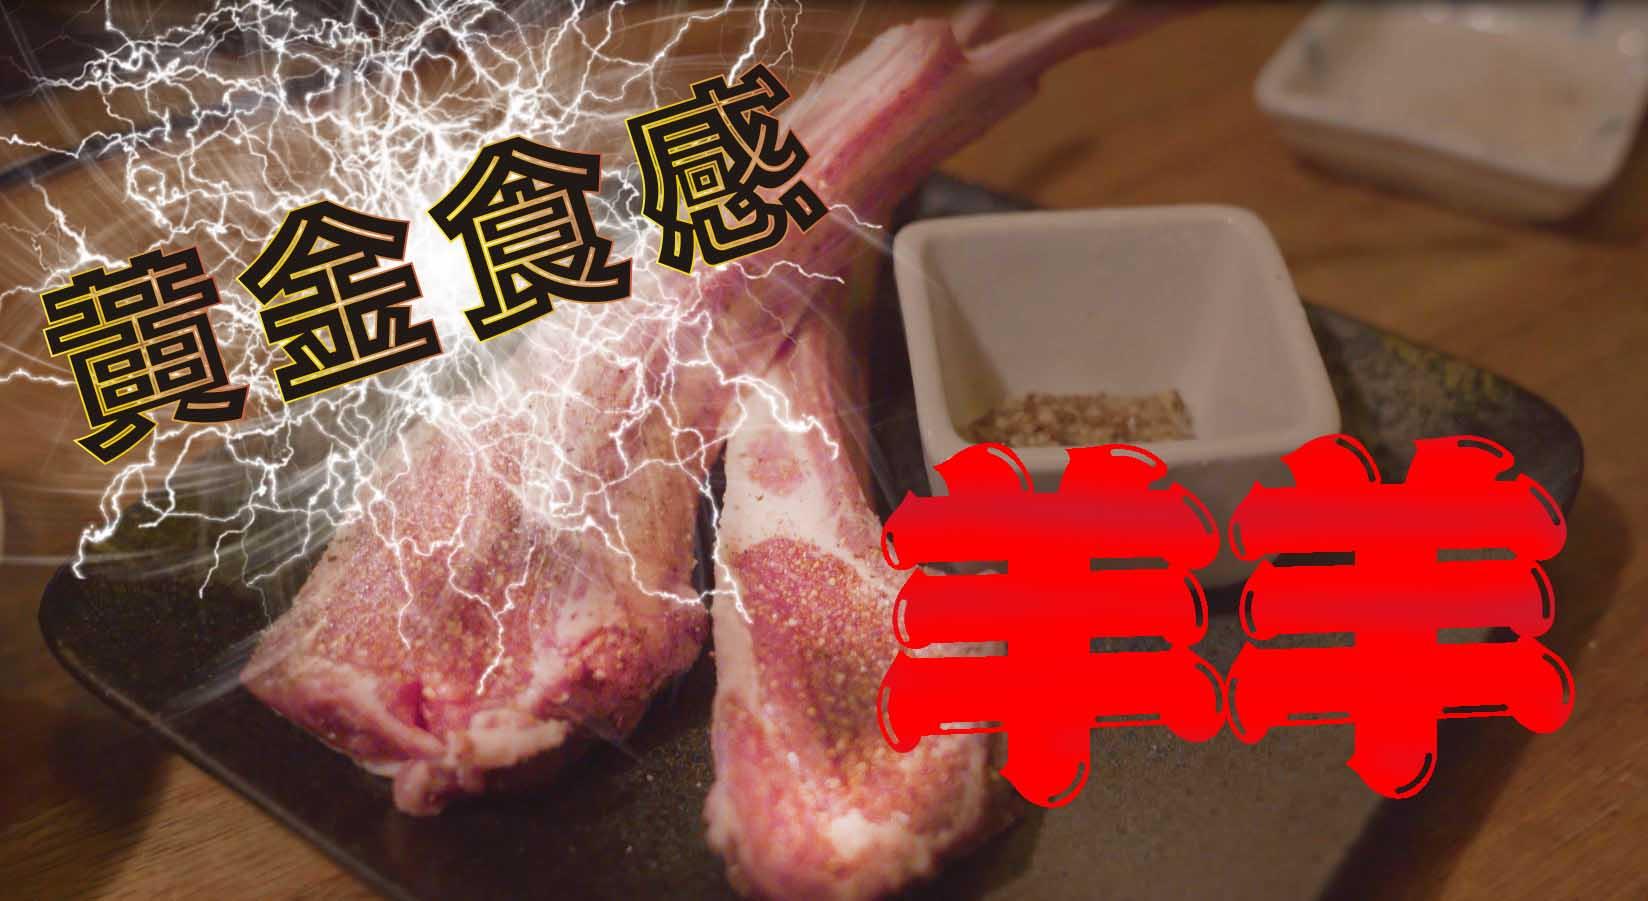 八王子羊羊(メーメー)の激うまラムチョップ!!最後の晩餐候補